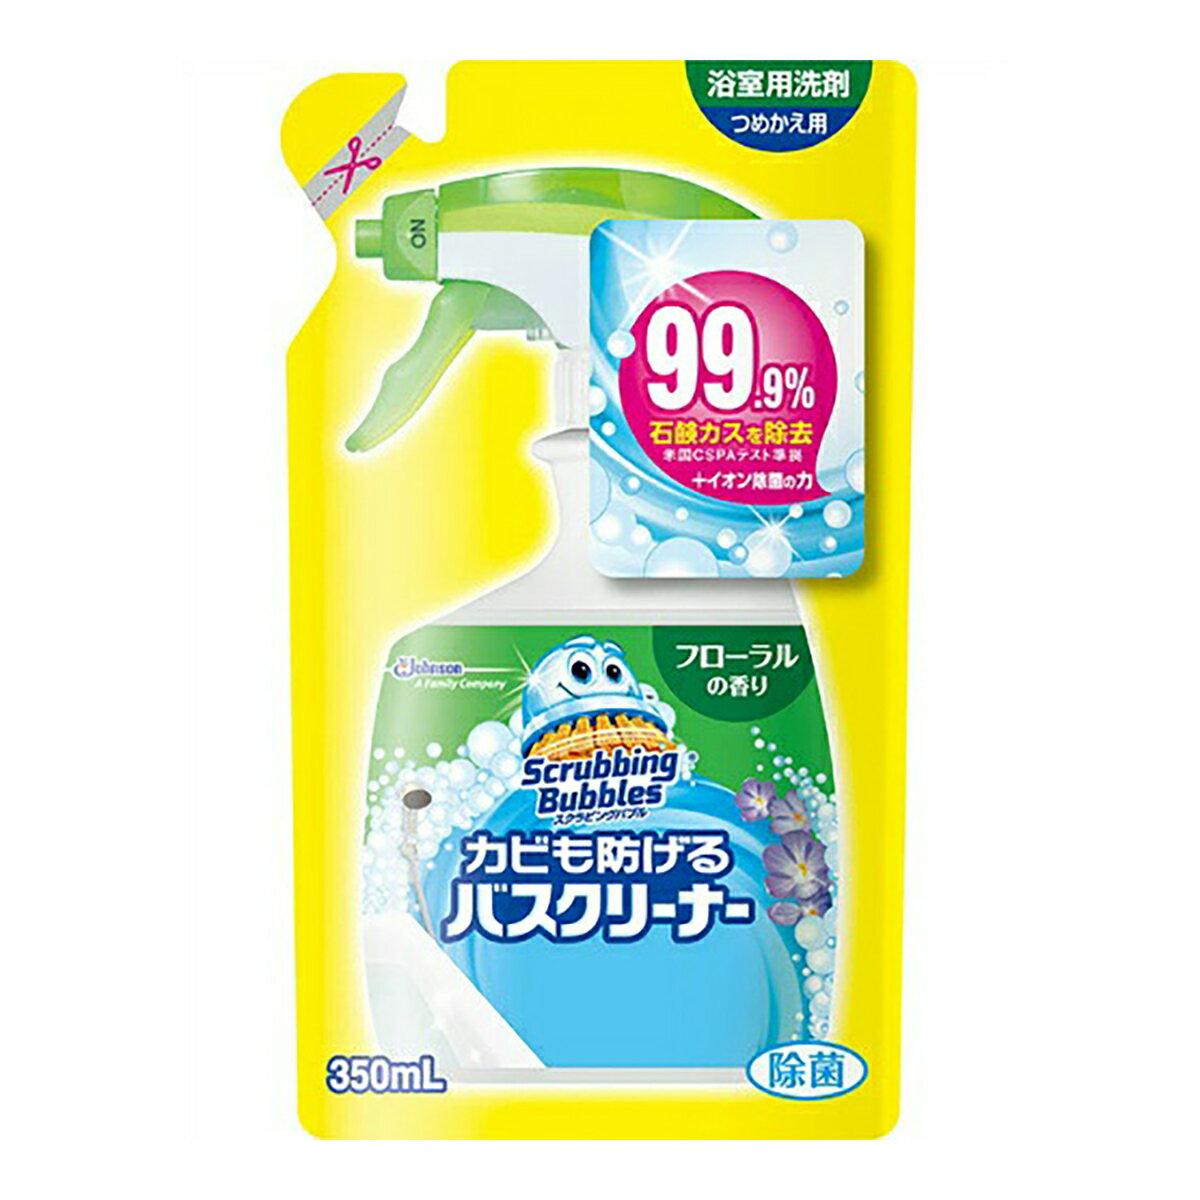 スクラビングバブル カビも防げるバスクリーナー フローラルの香り 詰替 350ml